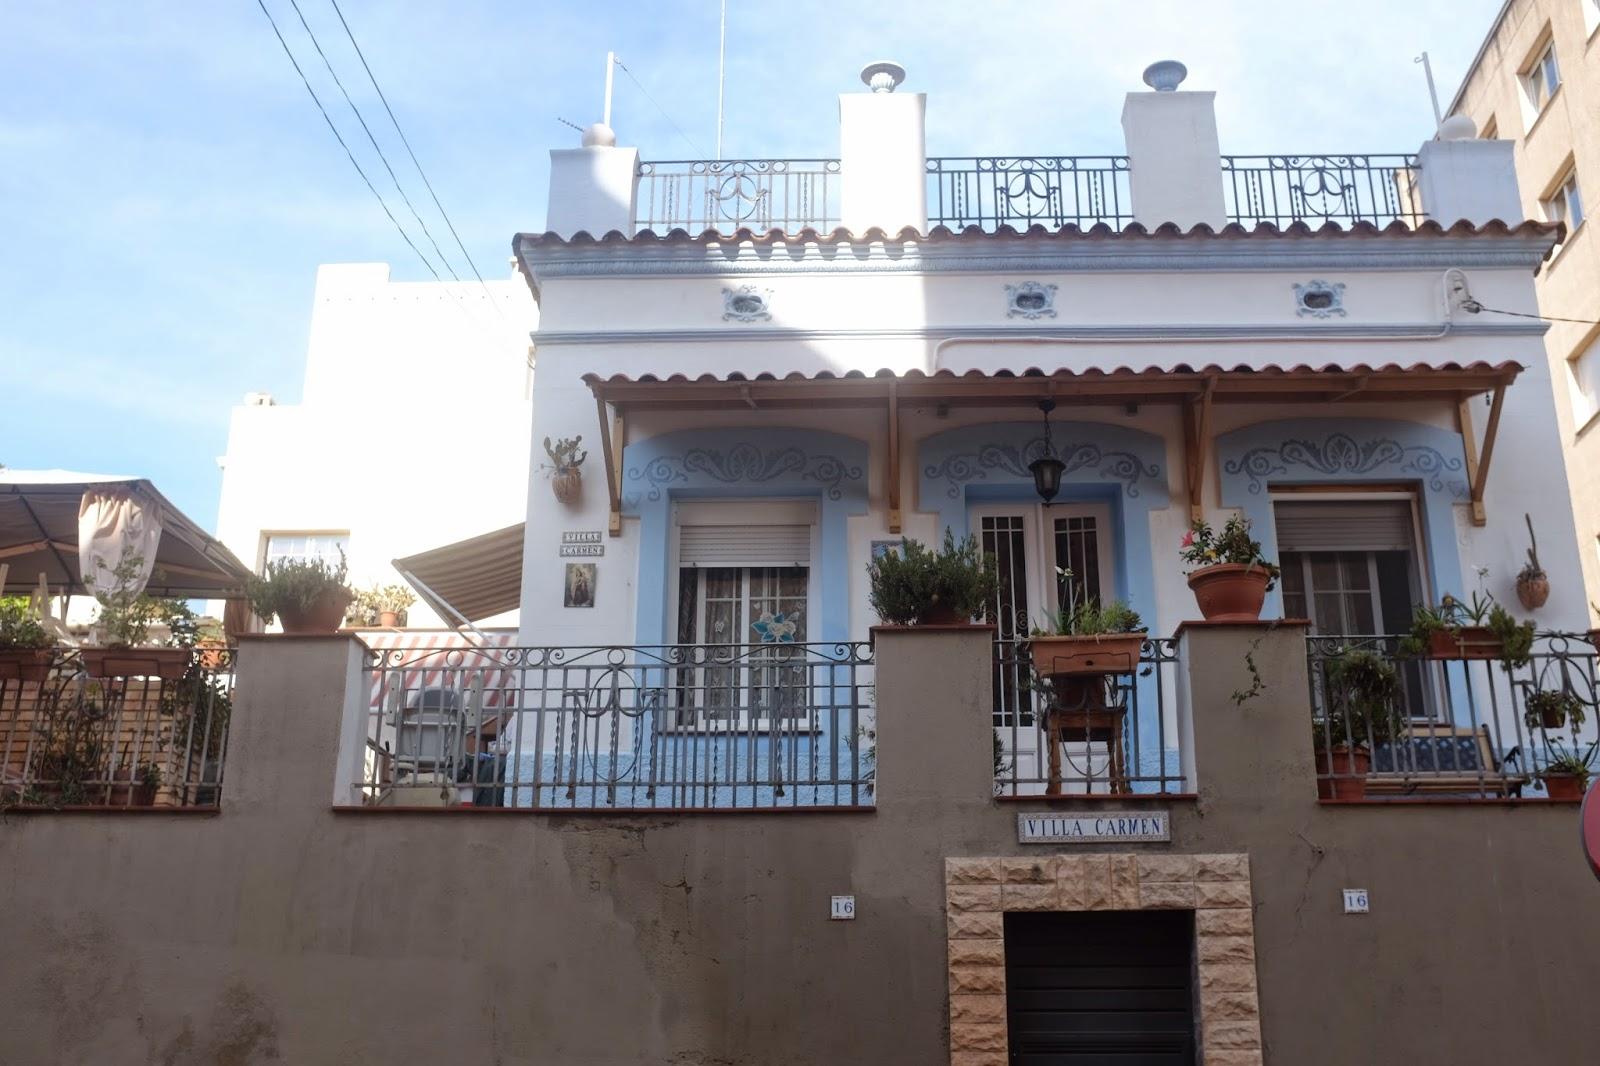 Barcelona architecture details